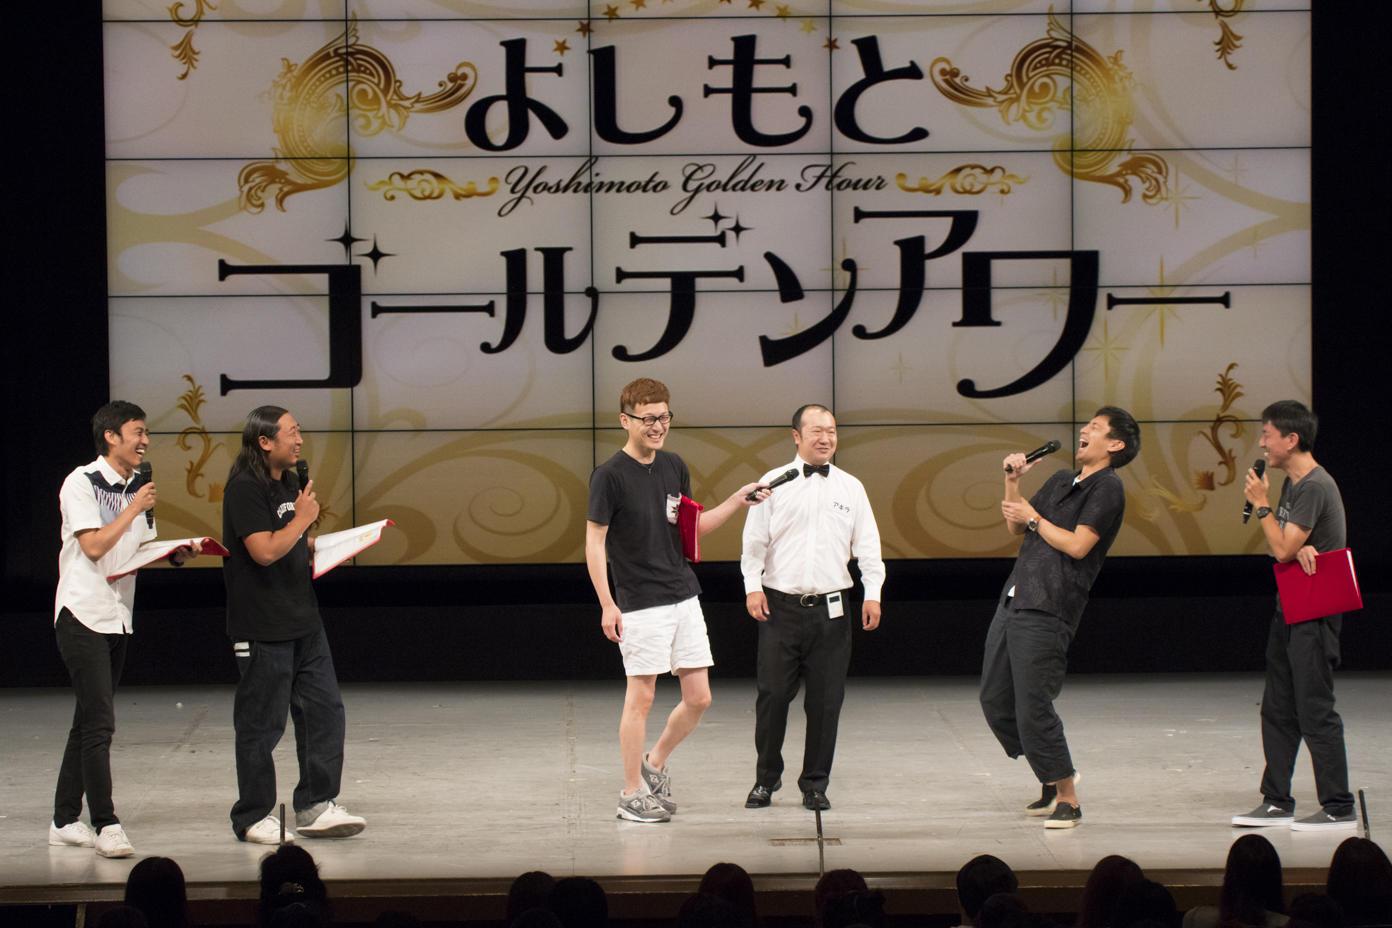 http://news.yoshimoto.co.jp/20160824232430-31252c127888a2ecbac91a3605f4bd2d8db2c1cf.jpg